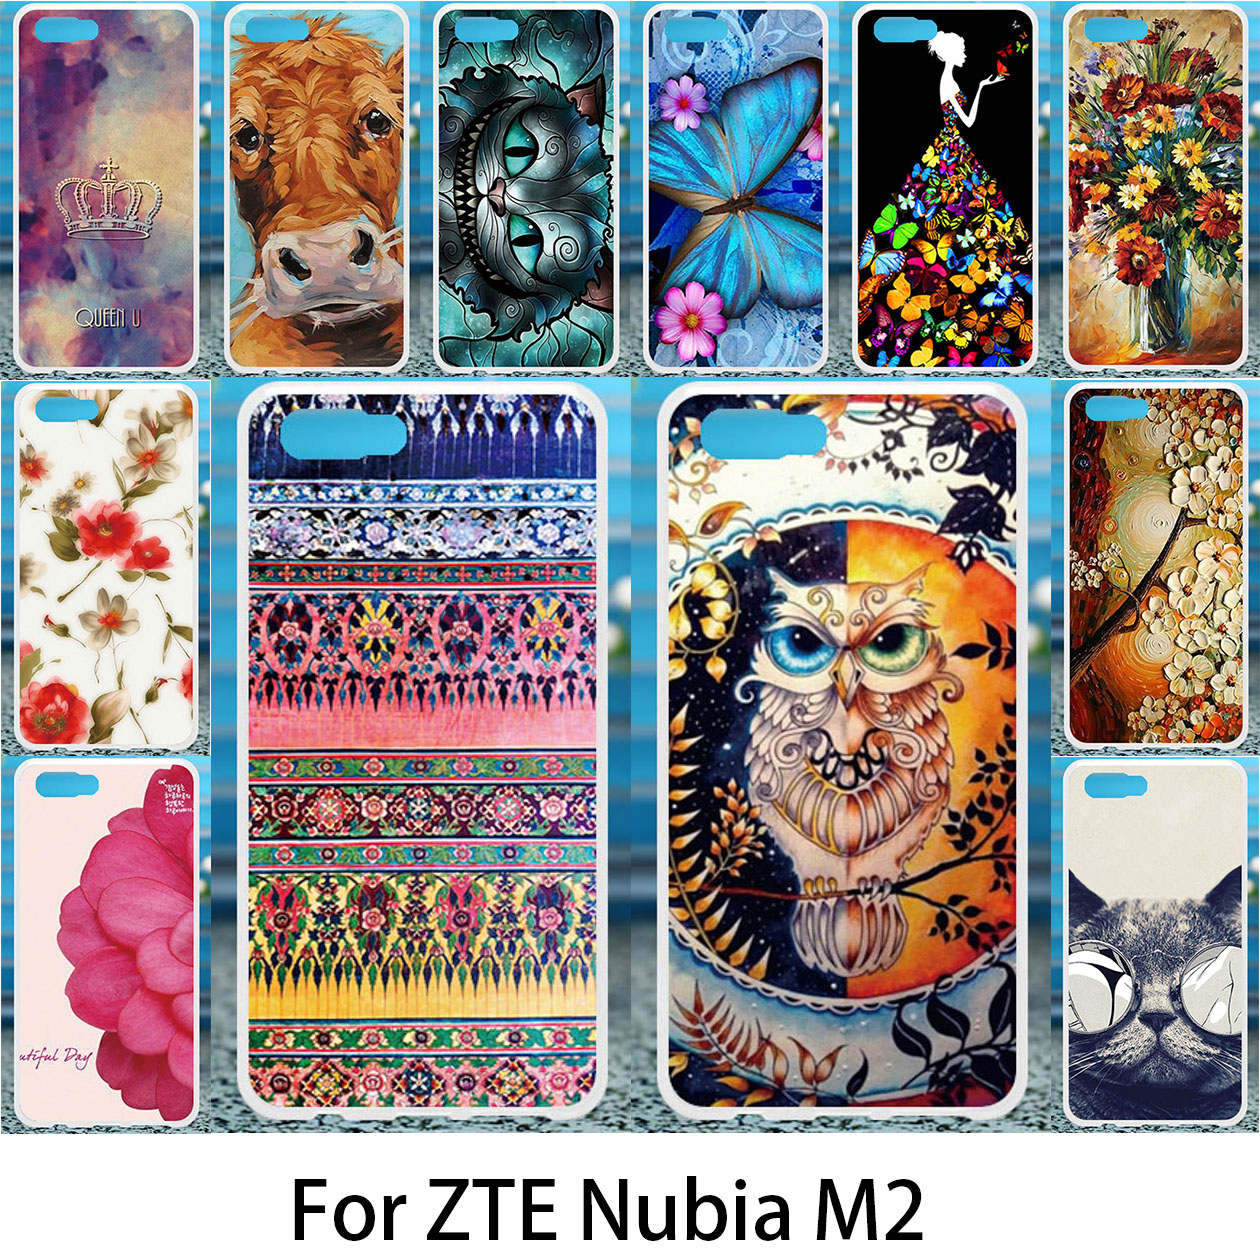 Akabeila Чехлы для zte M2 силиконовый чехол DIY рисунком анти-knock Обложка для zte Нубия M2 Обложки Shell coque